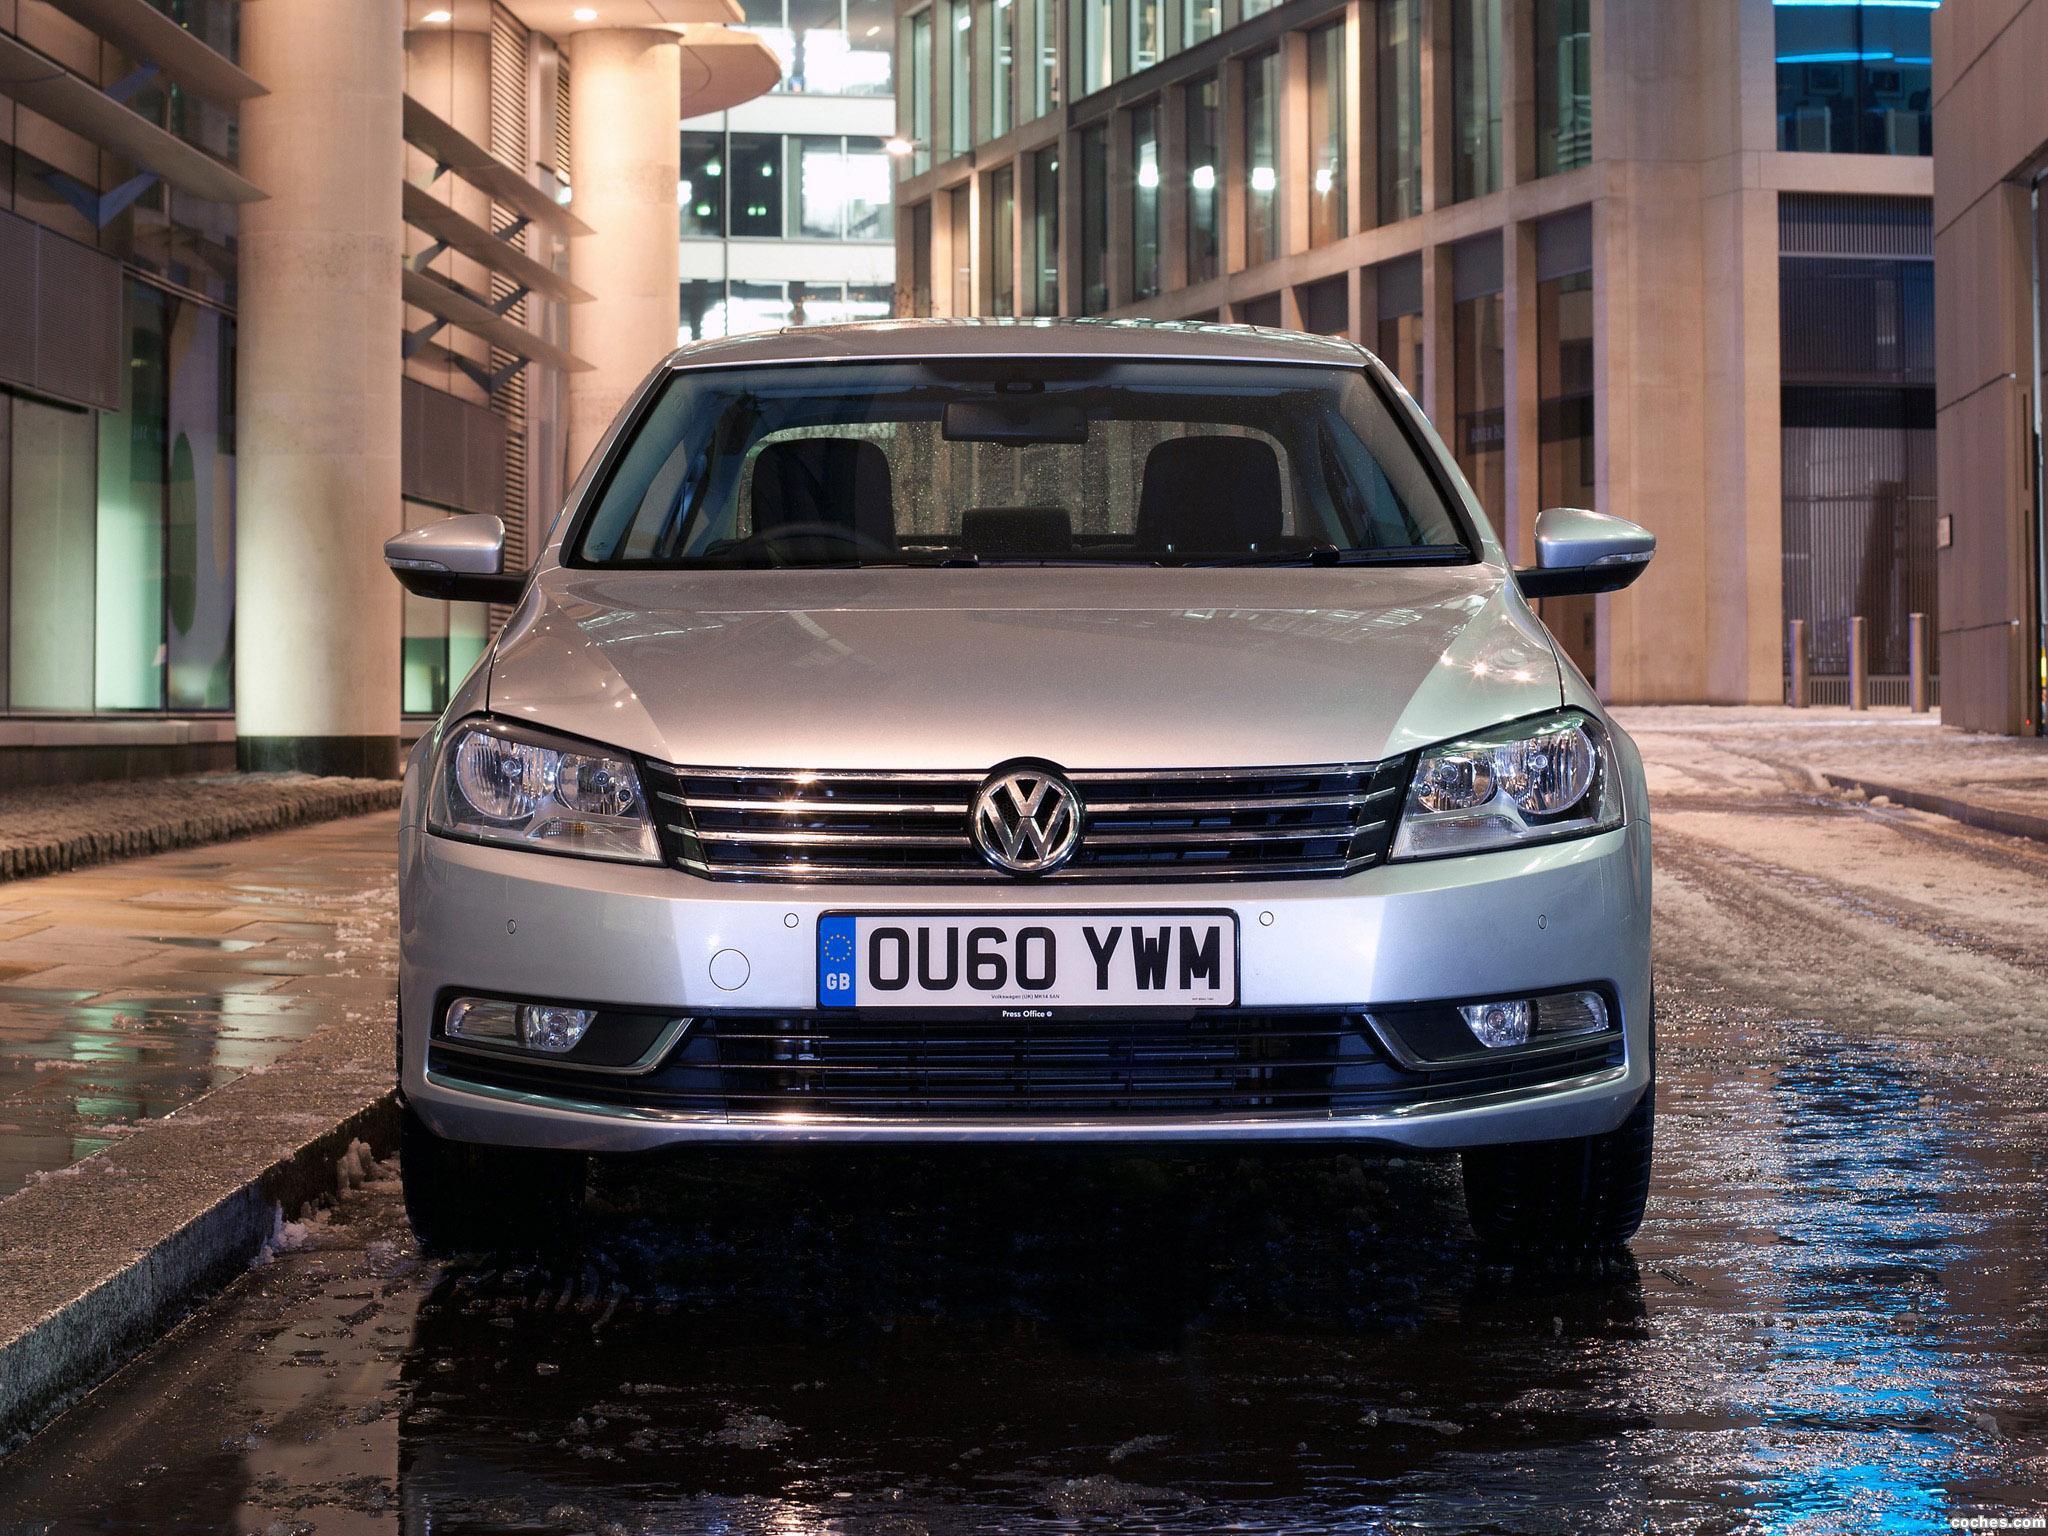 Foto 0 de Volkswagen Passat UK 2010